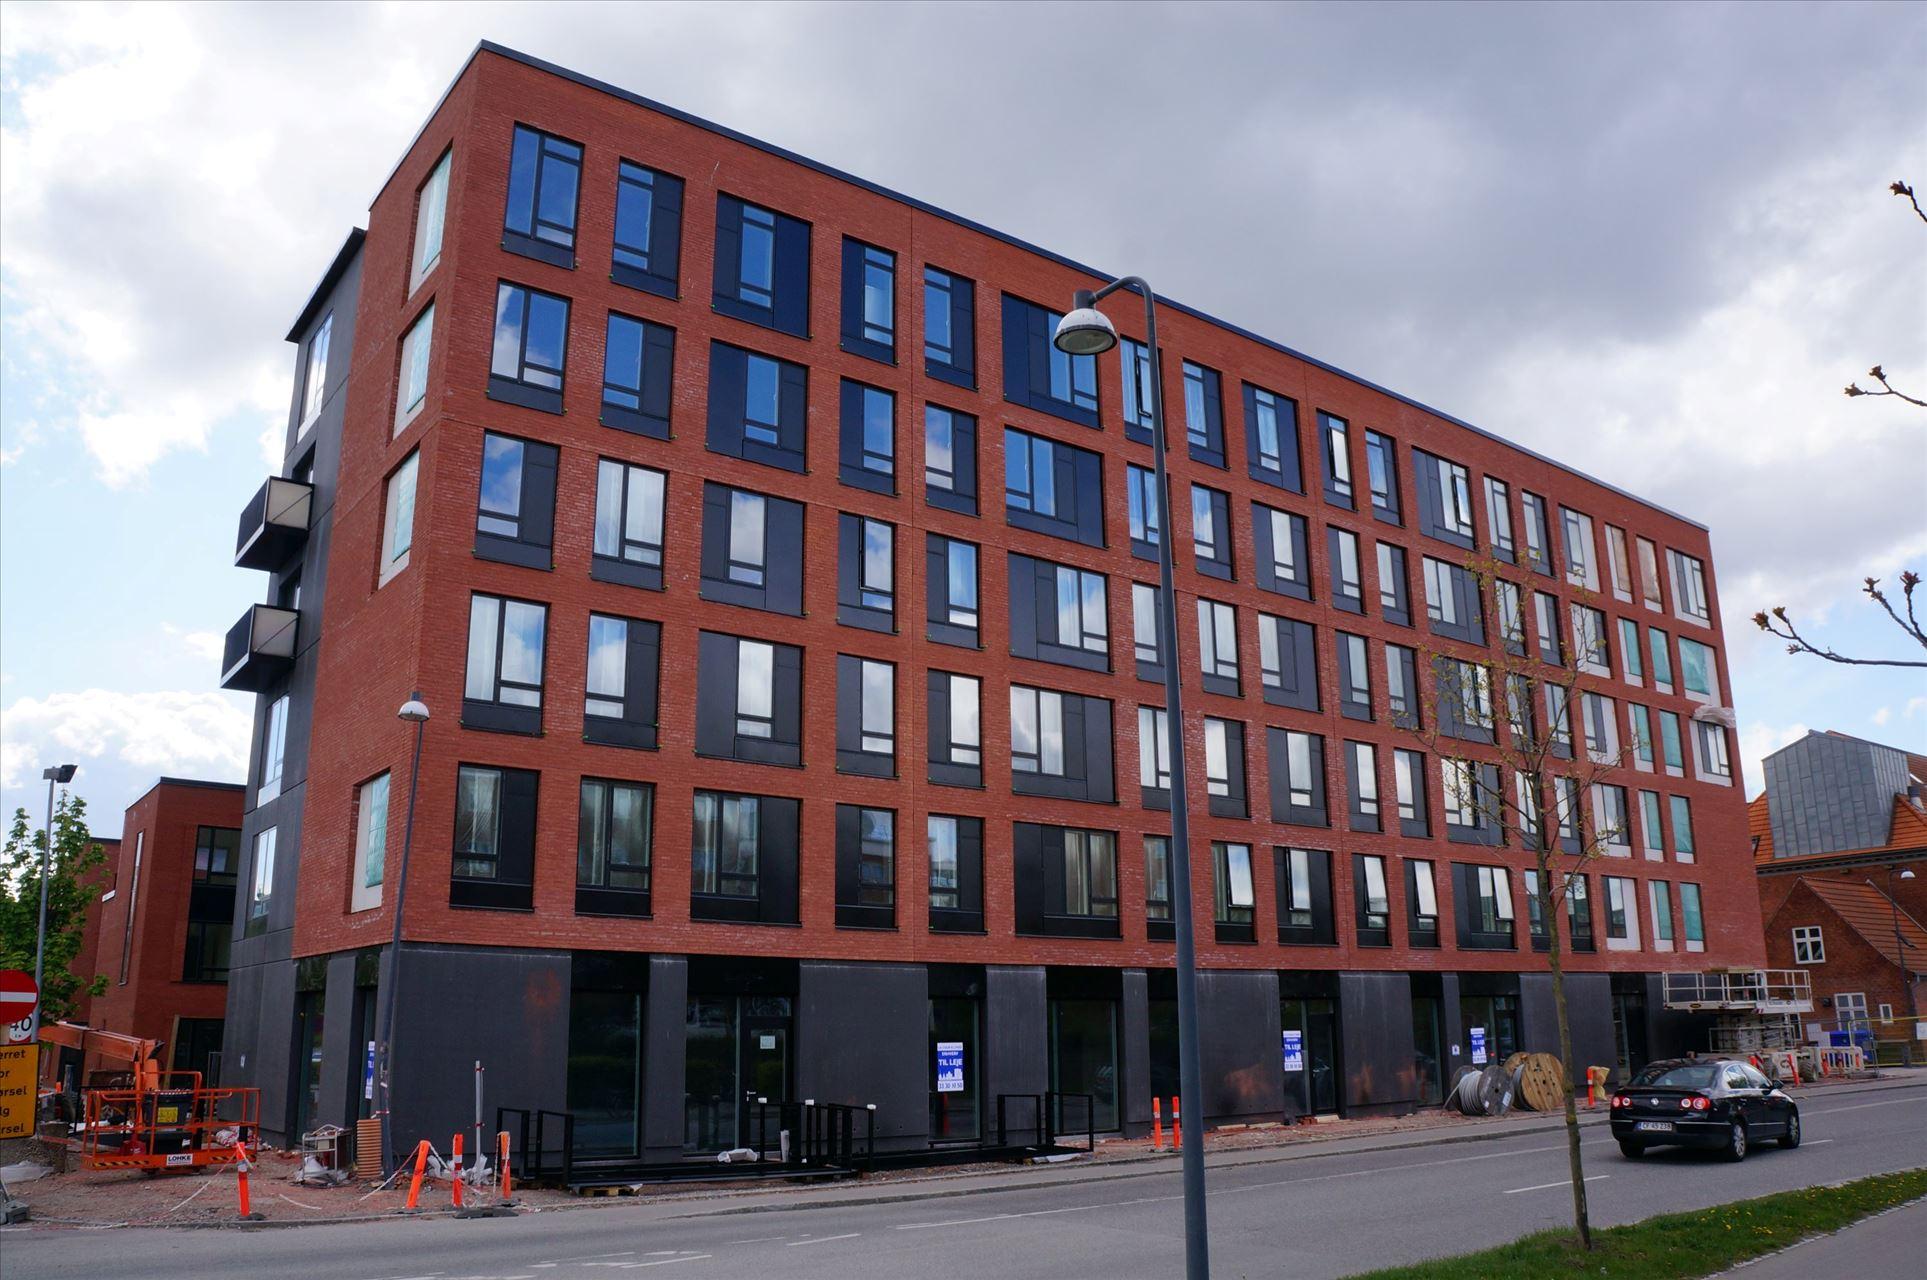 108 m² butik/kontor/klinik – Teglholmen